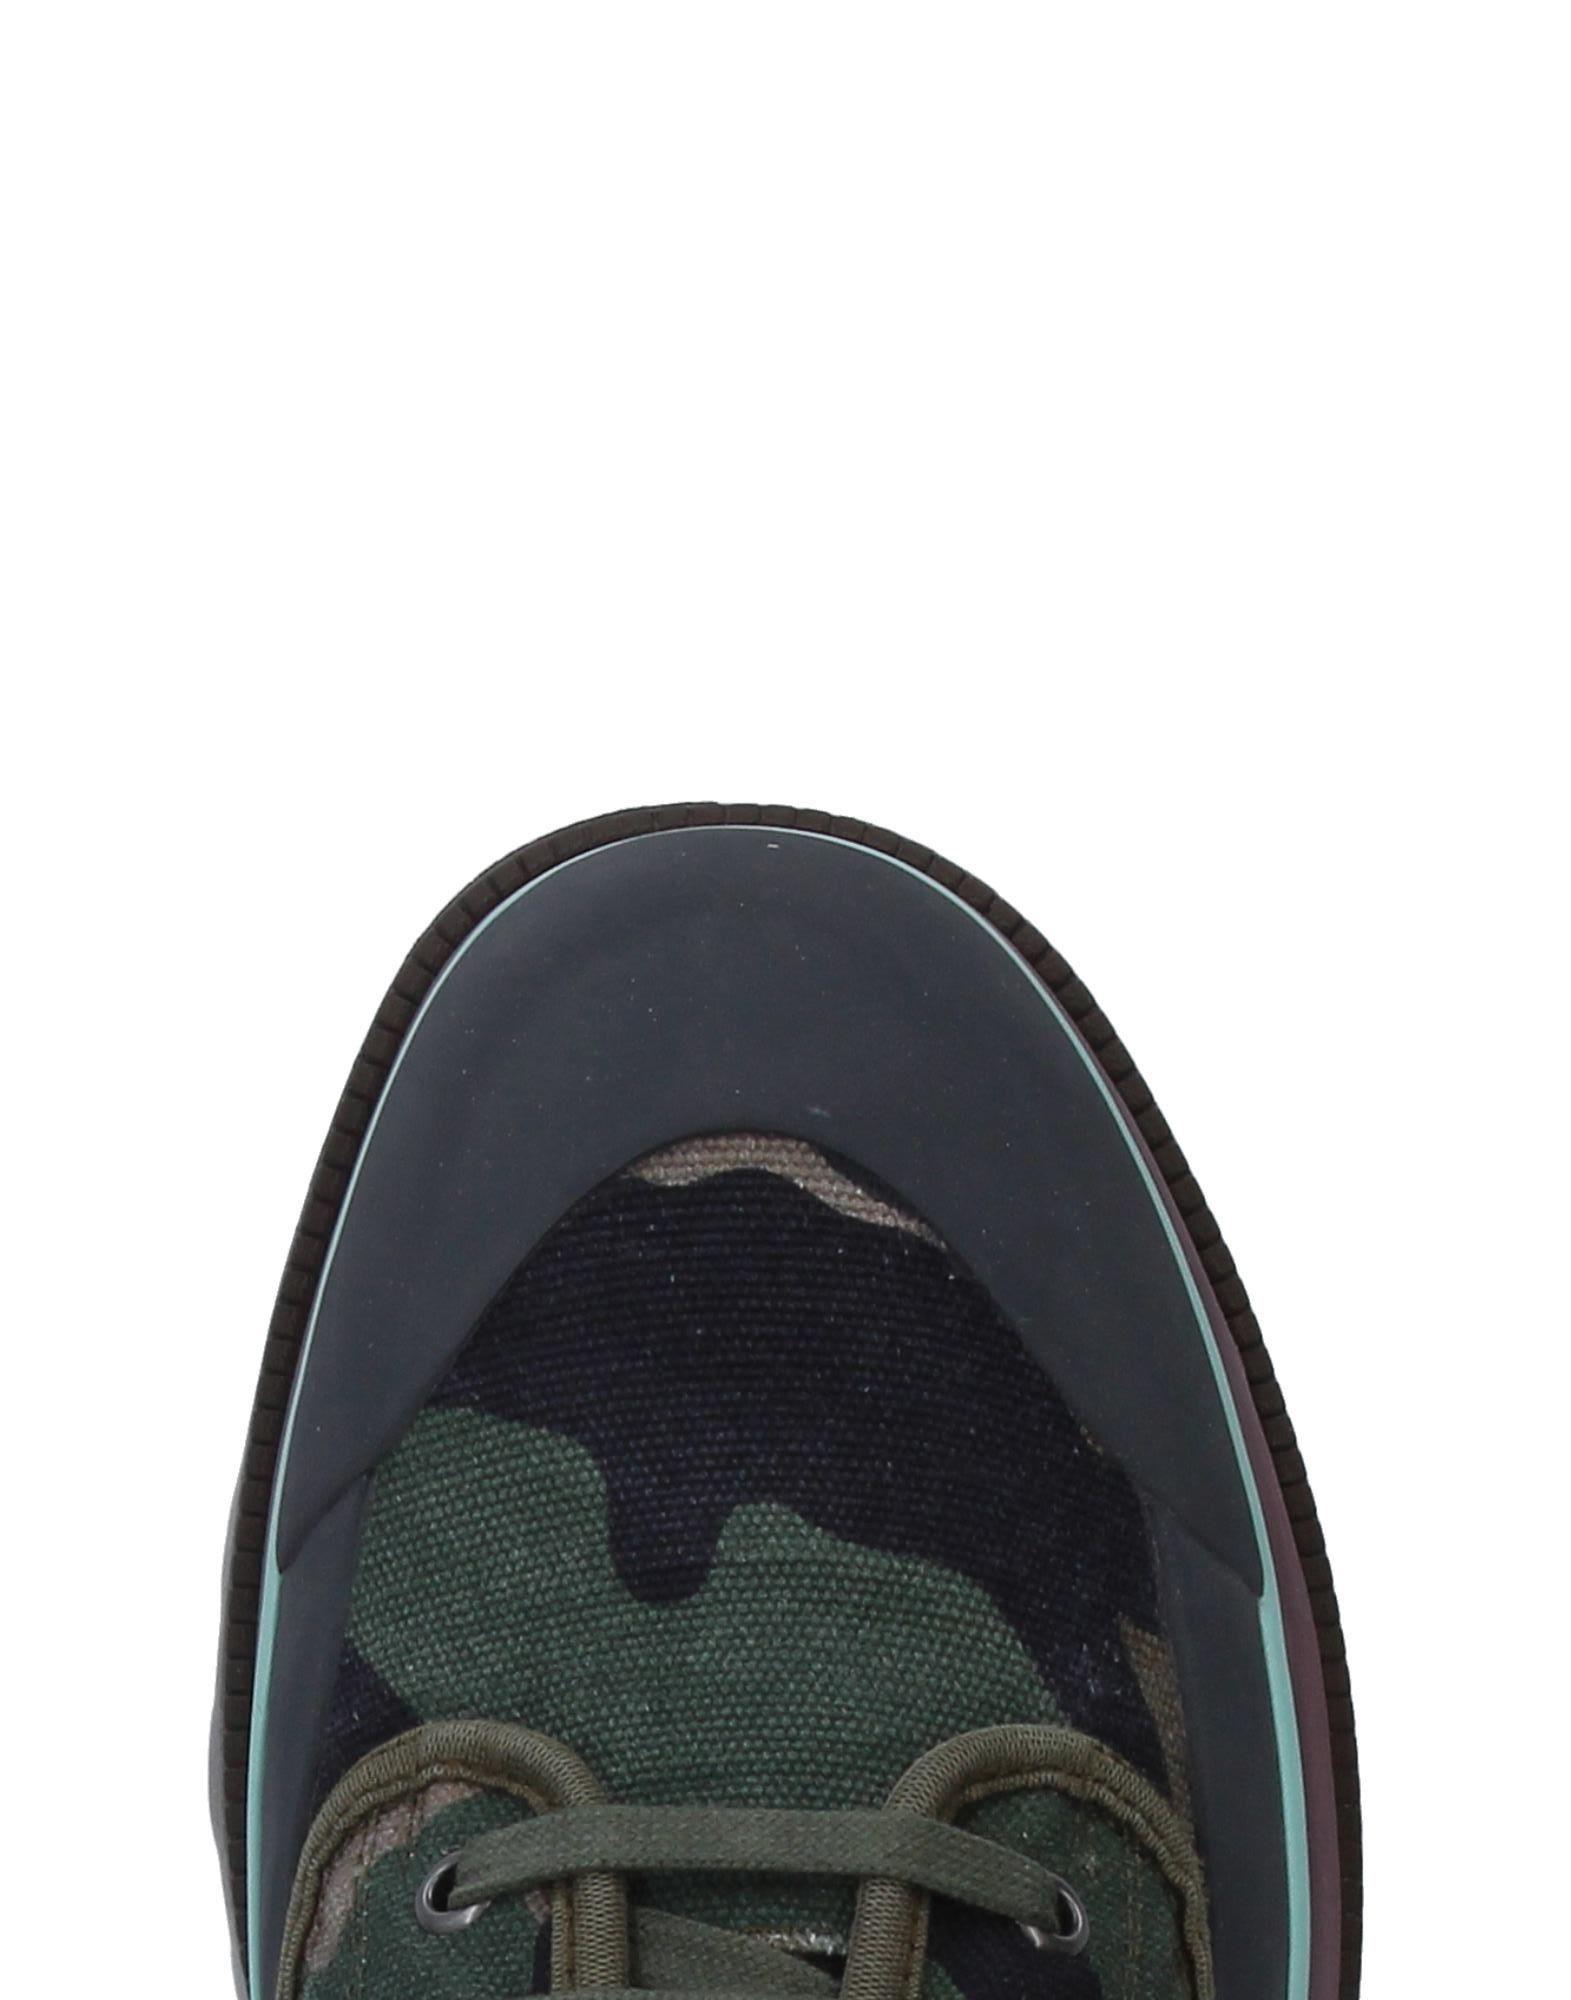 Valentino Garavani Herren Sneakers Herren Garavani  11356849GV Neue Schuhe 2f2f57